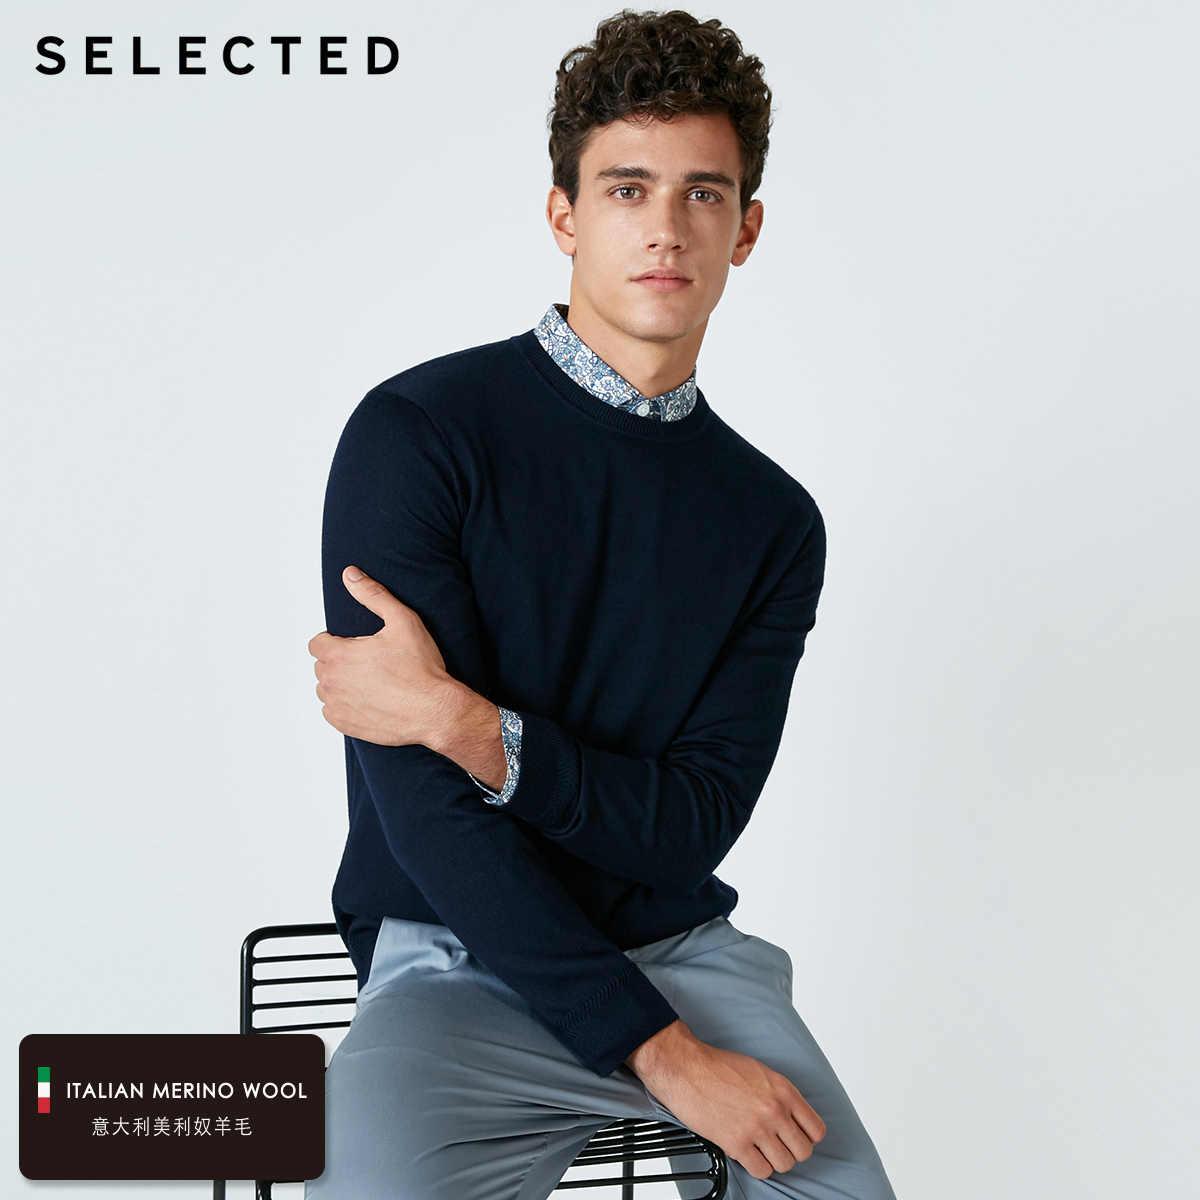 اختيار جديد الإيطالية كنزة من صوف ميرينو الرجال لون نقي الذكور البلوفرات ملابس التريكو S | 418424503